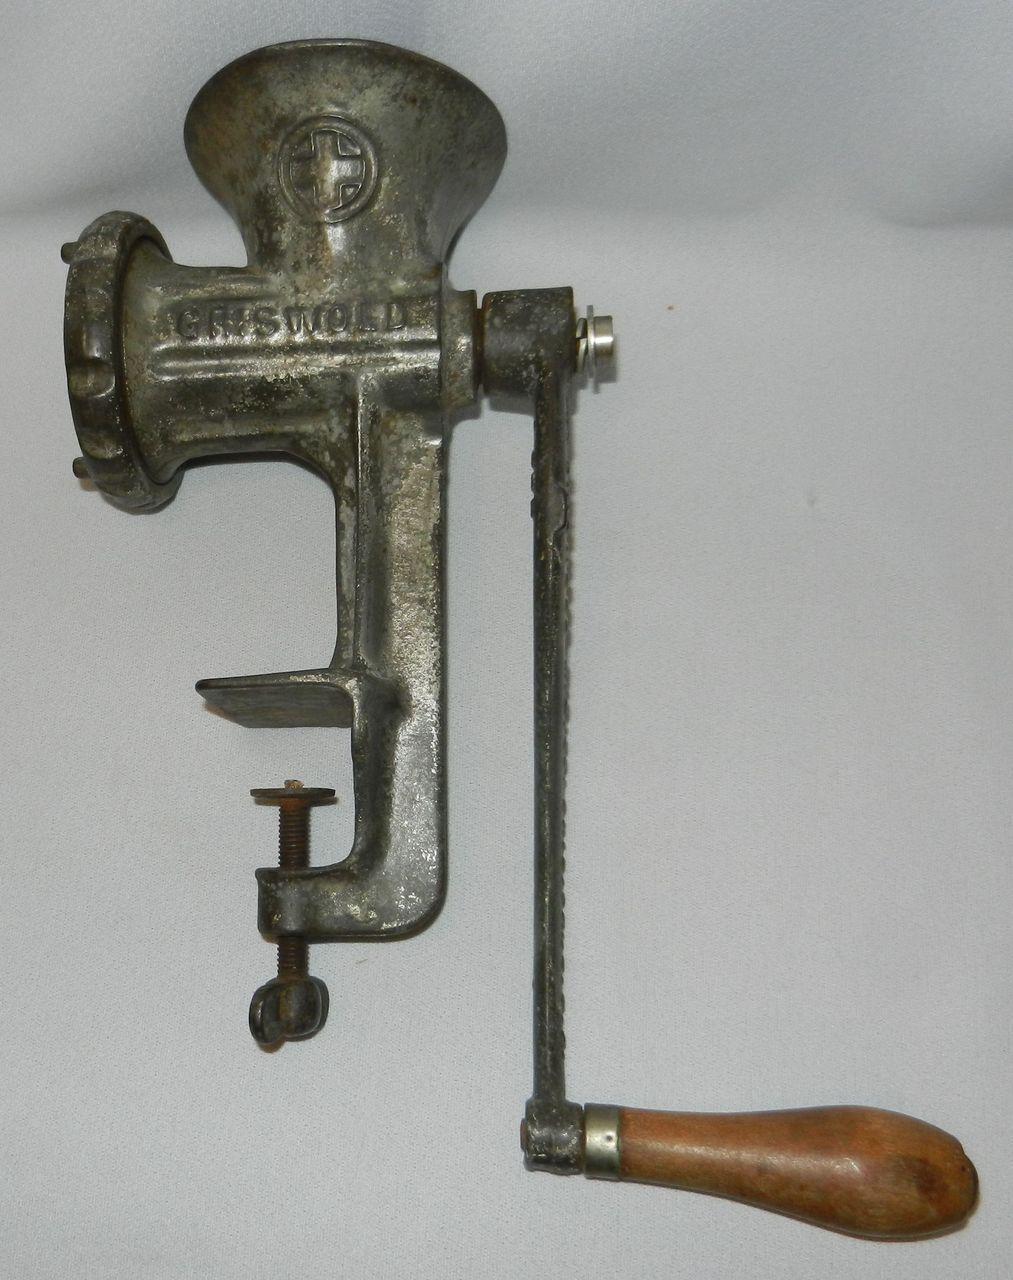 Antique Meat Grinder